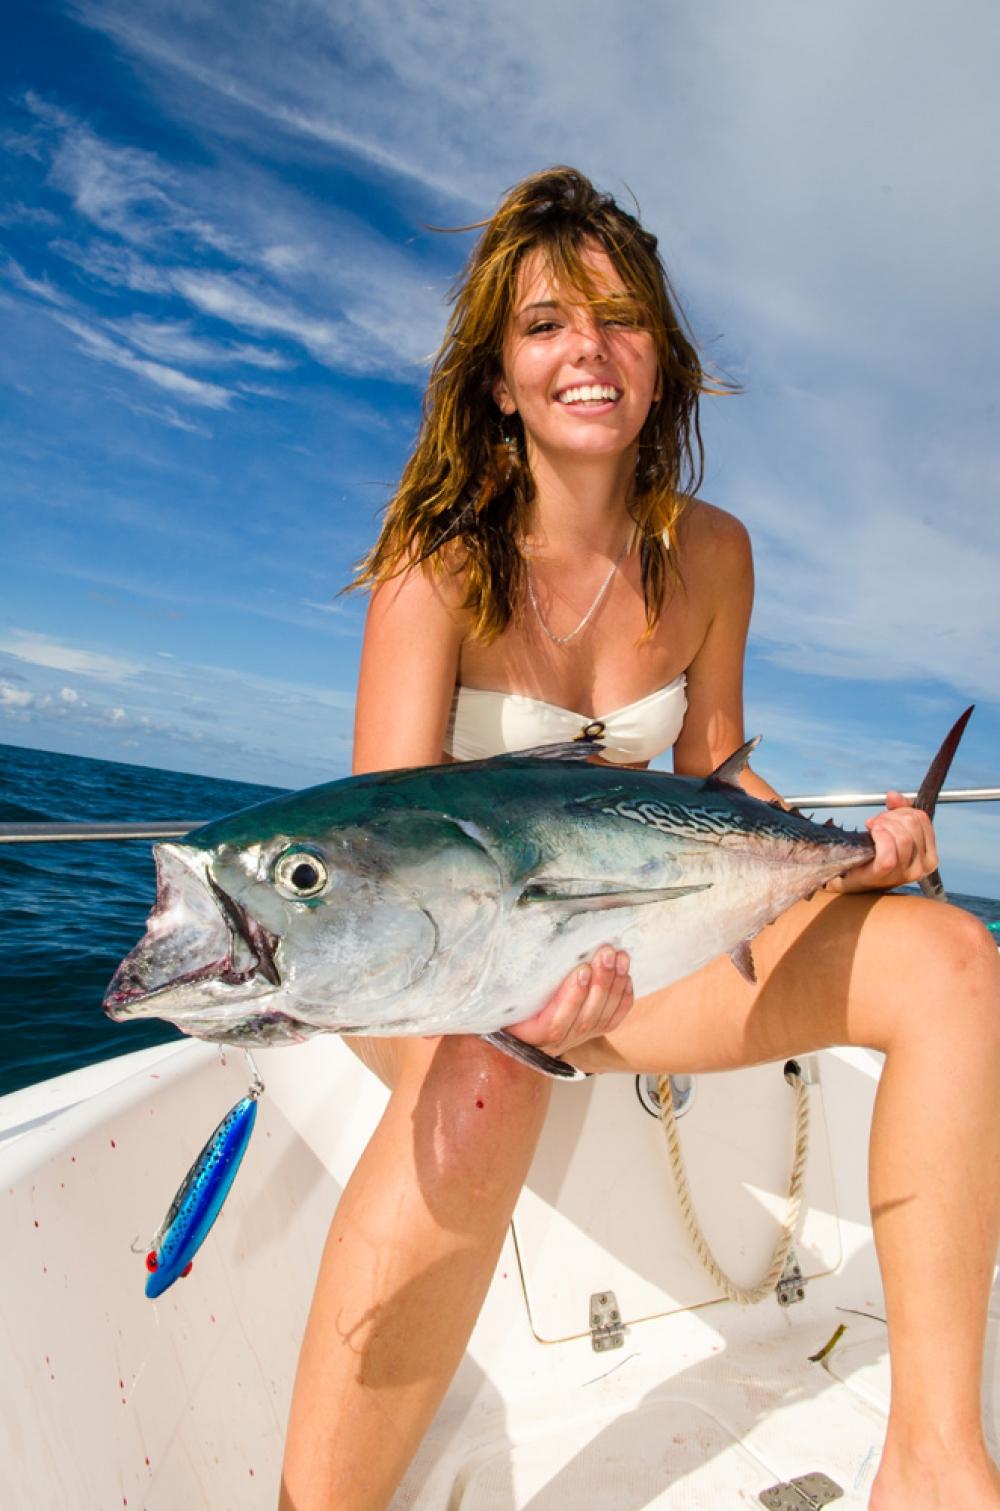 Єротика онлайн на рибалке 22 фотография